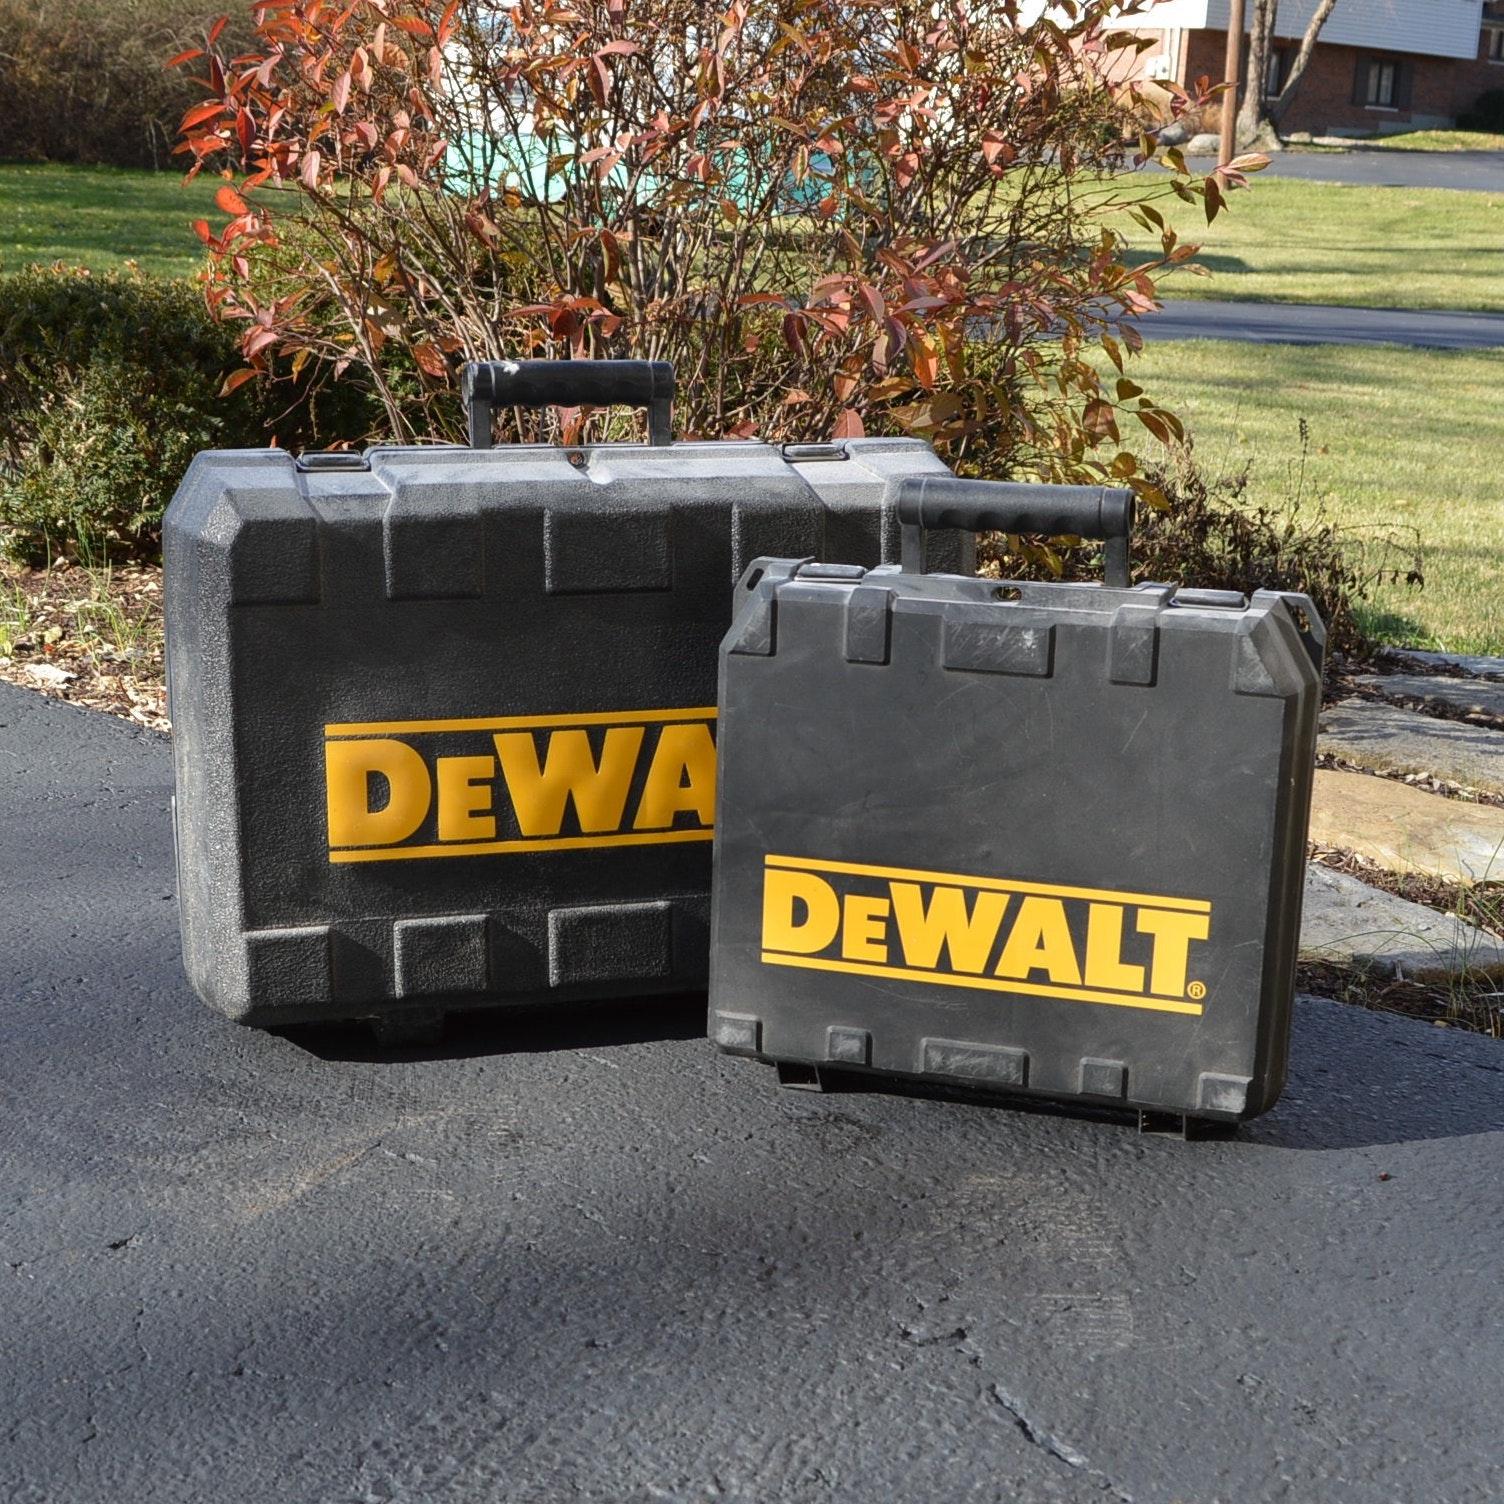 DeWalt 18V Drill and Circular Saw